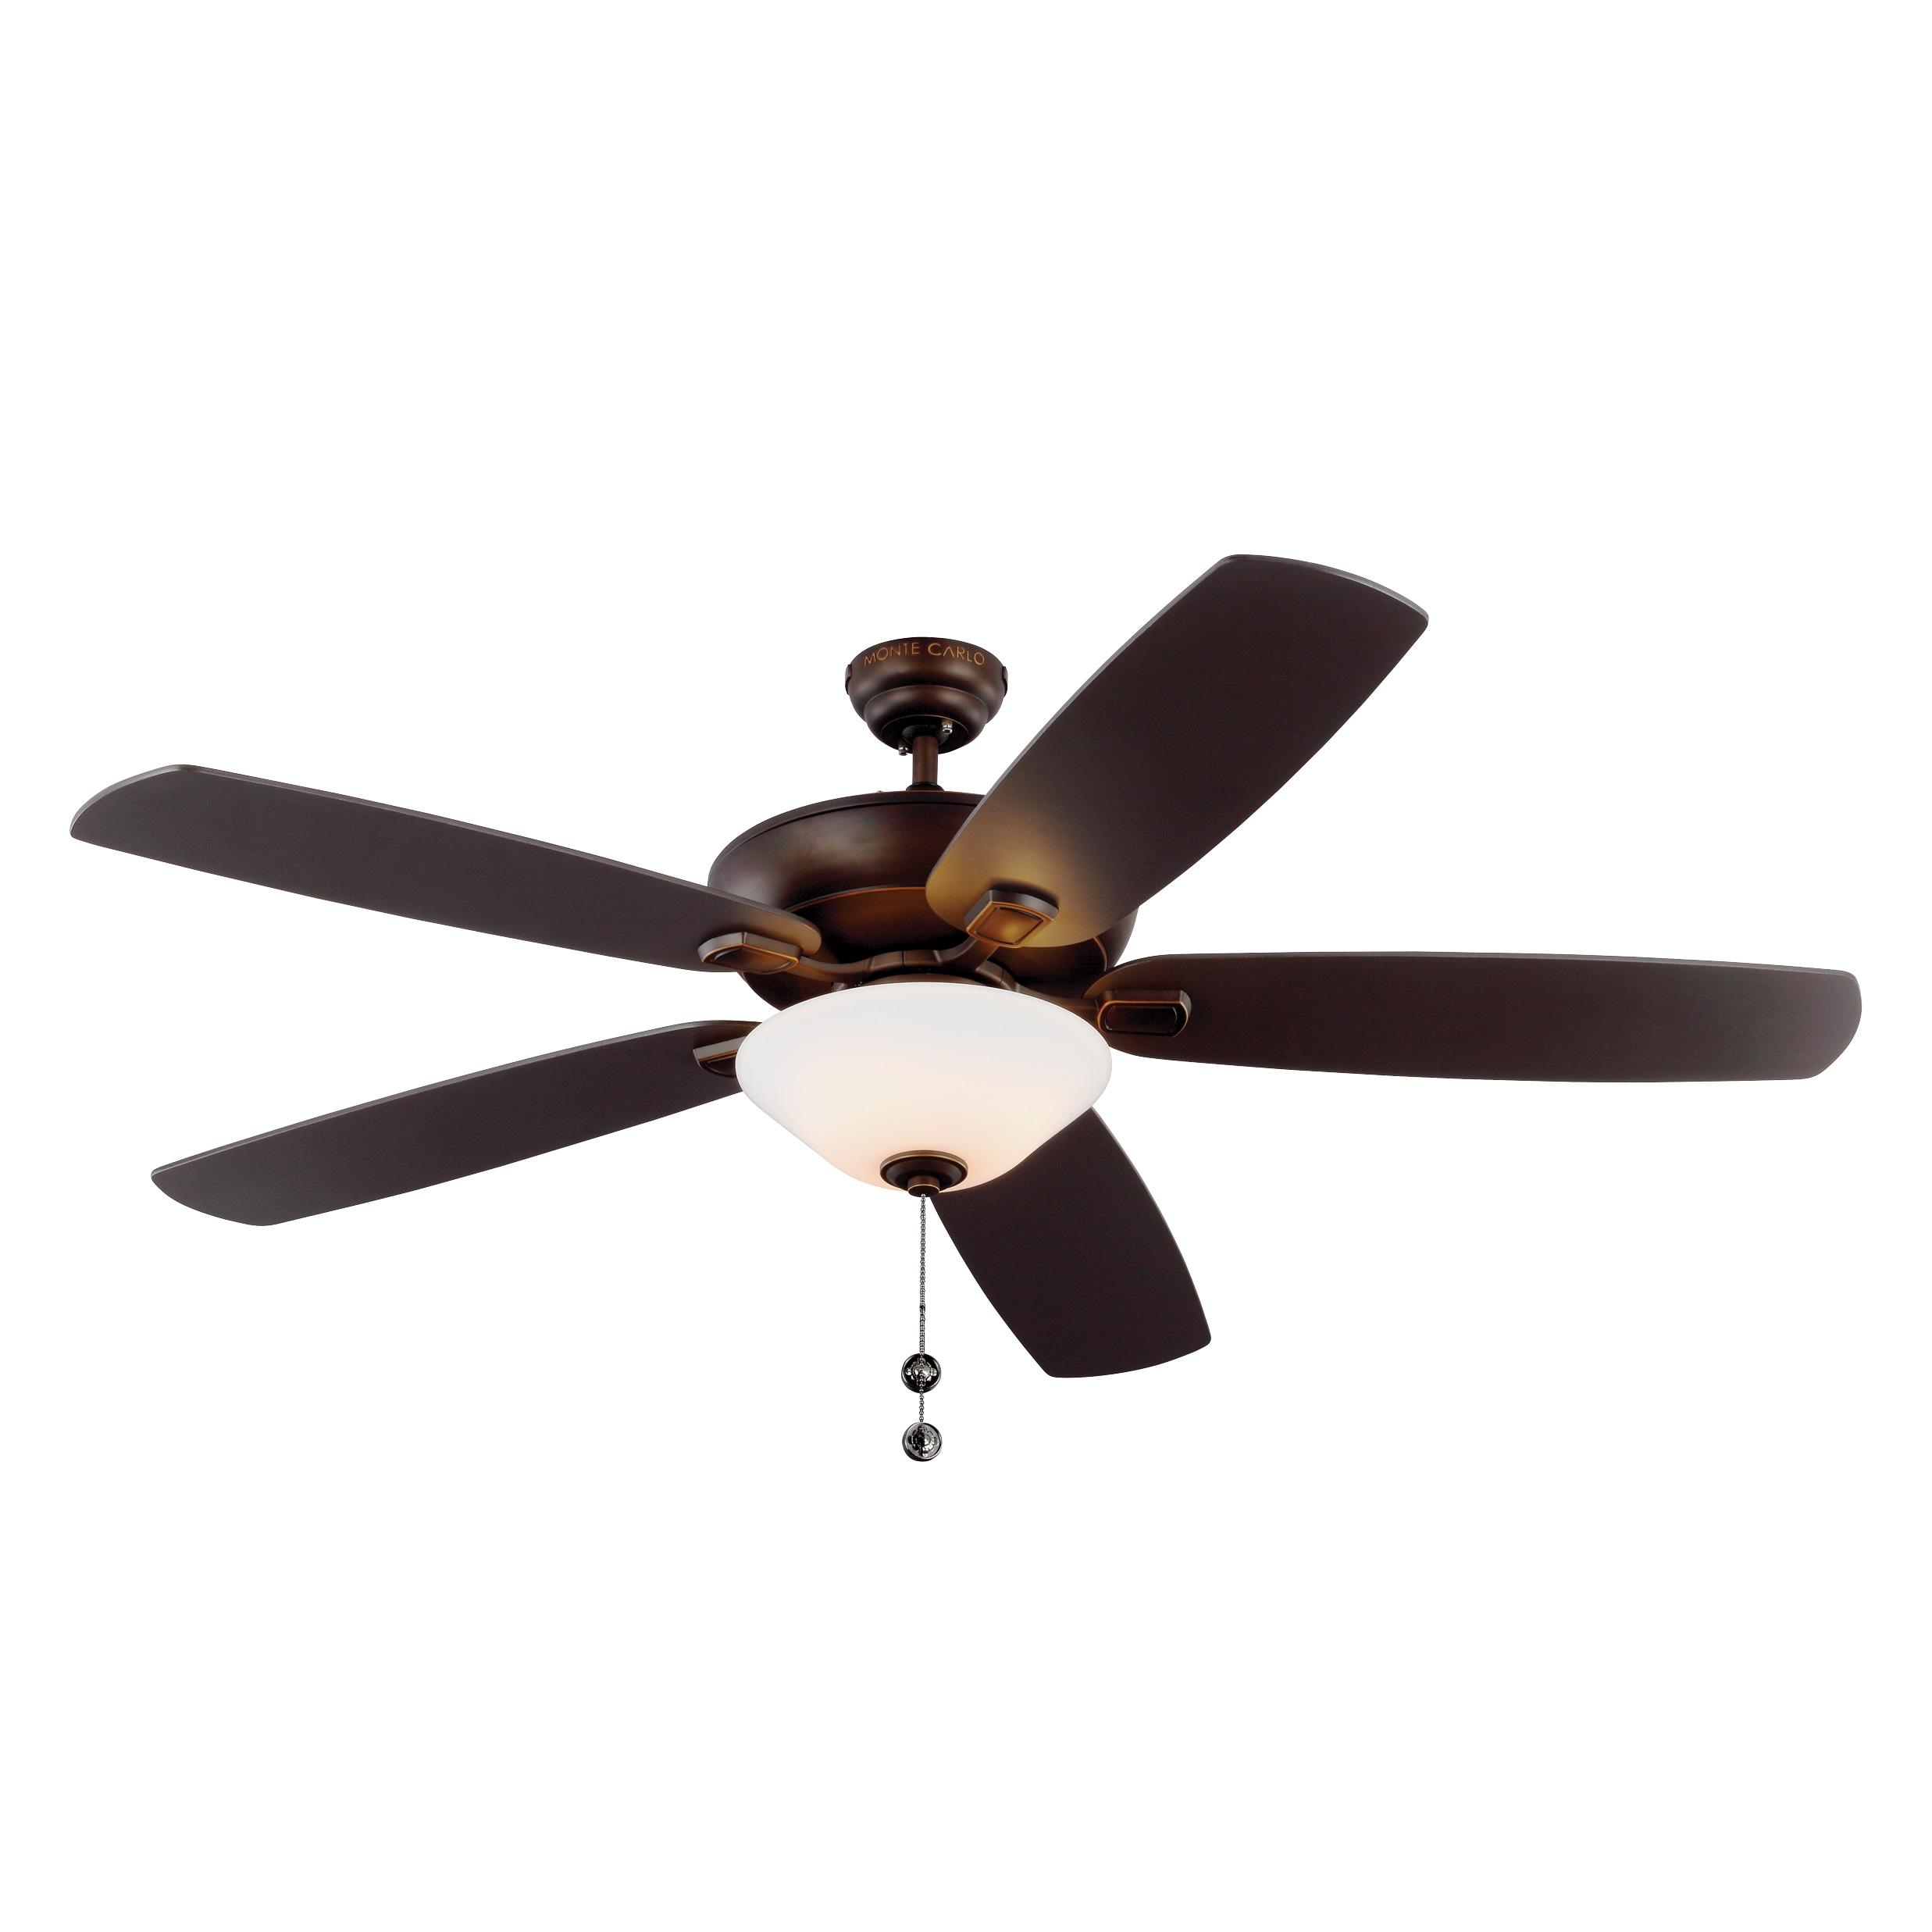 monte carlo fan light wiring diagram all wiring diagram Ceiling Fan Light Kit Wiring Diagram